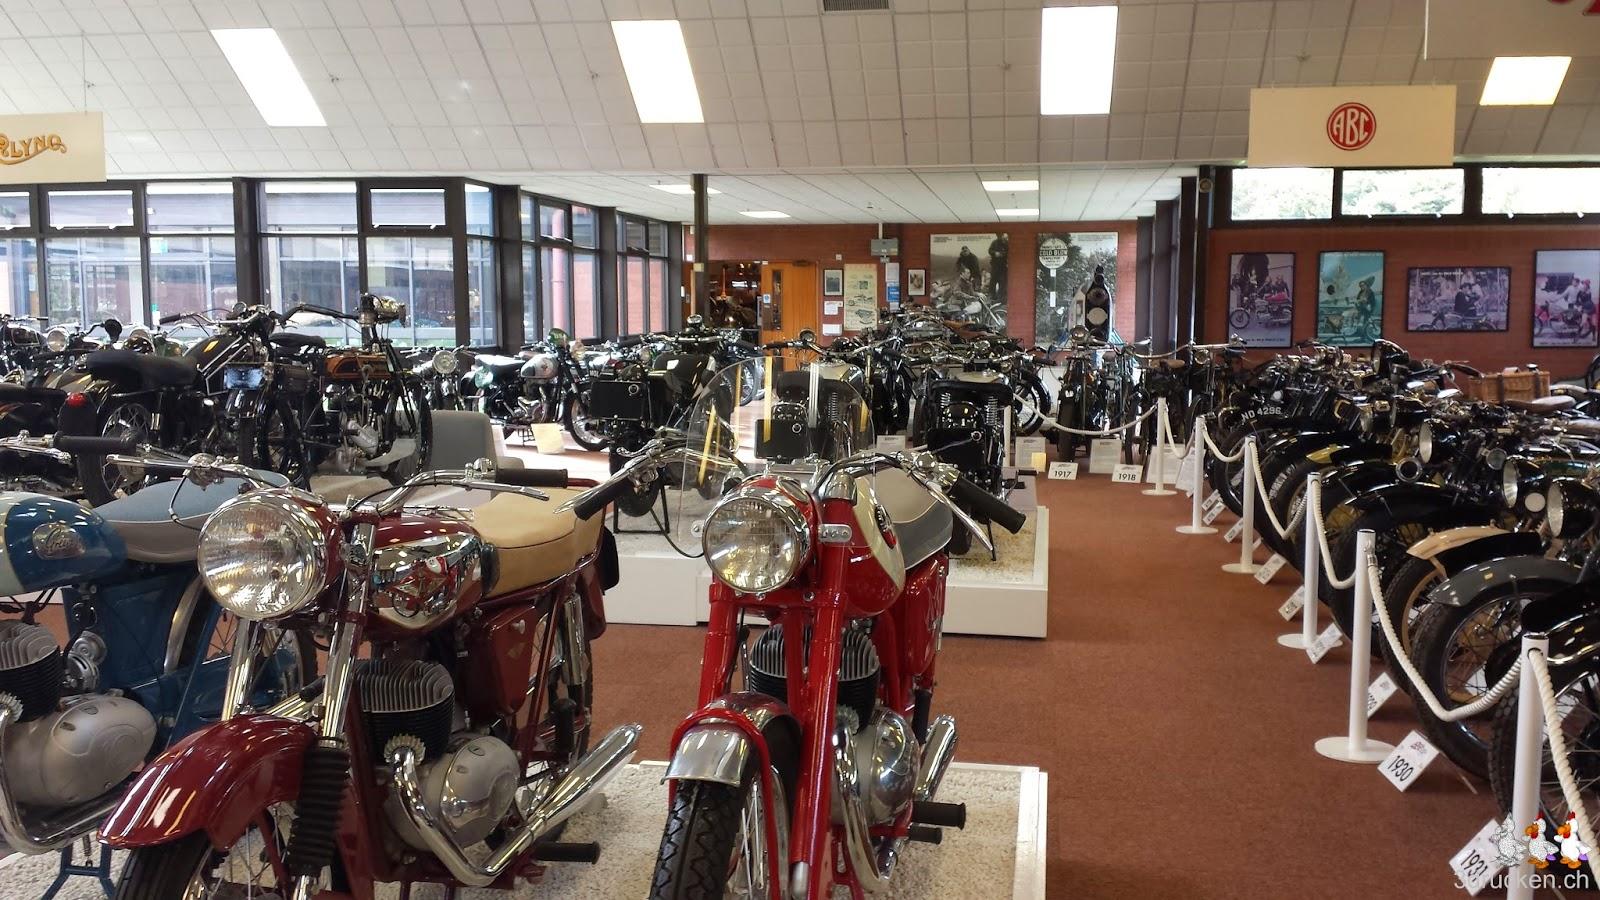 Foto mit Motorrädern in einem Ausstellungsraum im British Motorcycle Museum